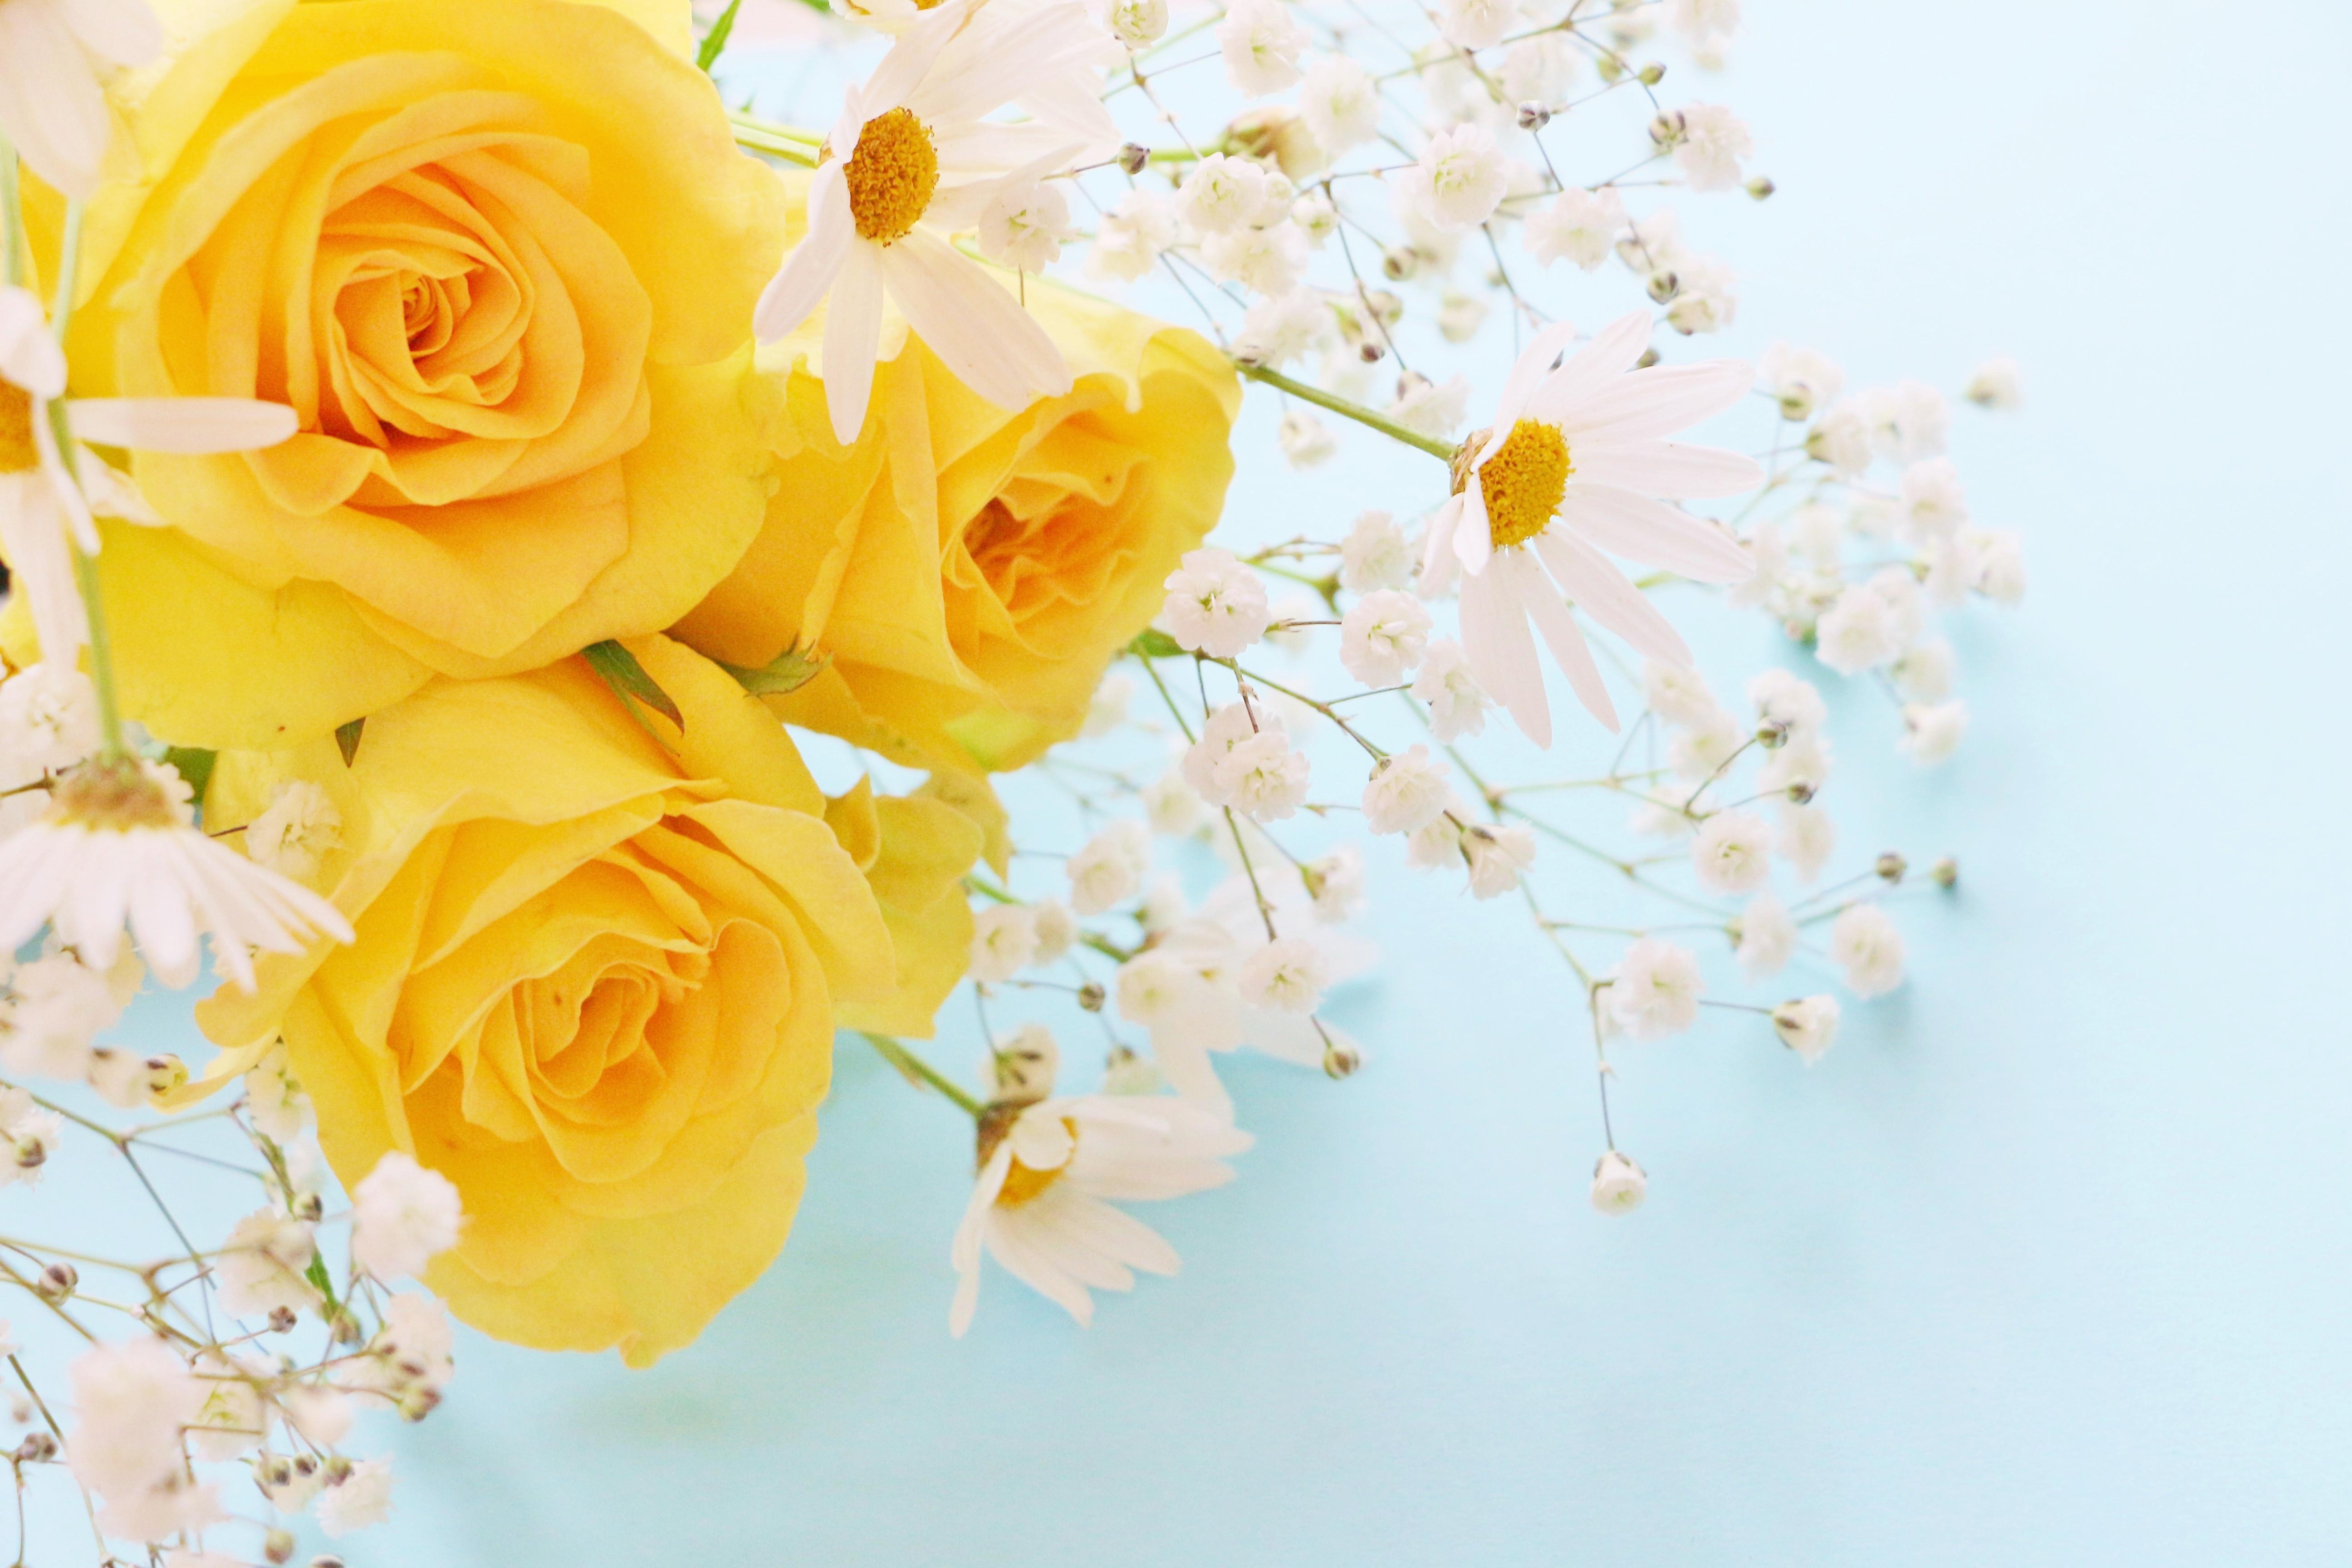 Фон для открытки желтые розы, про